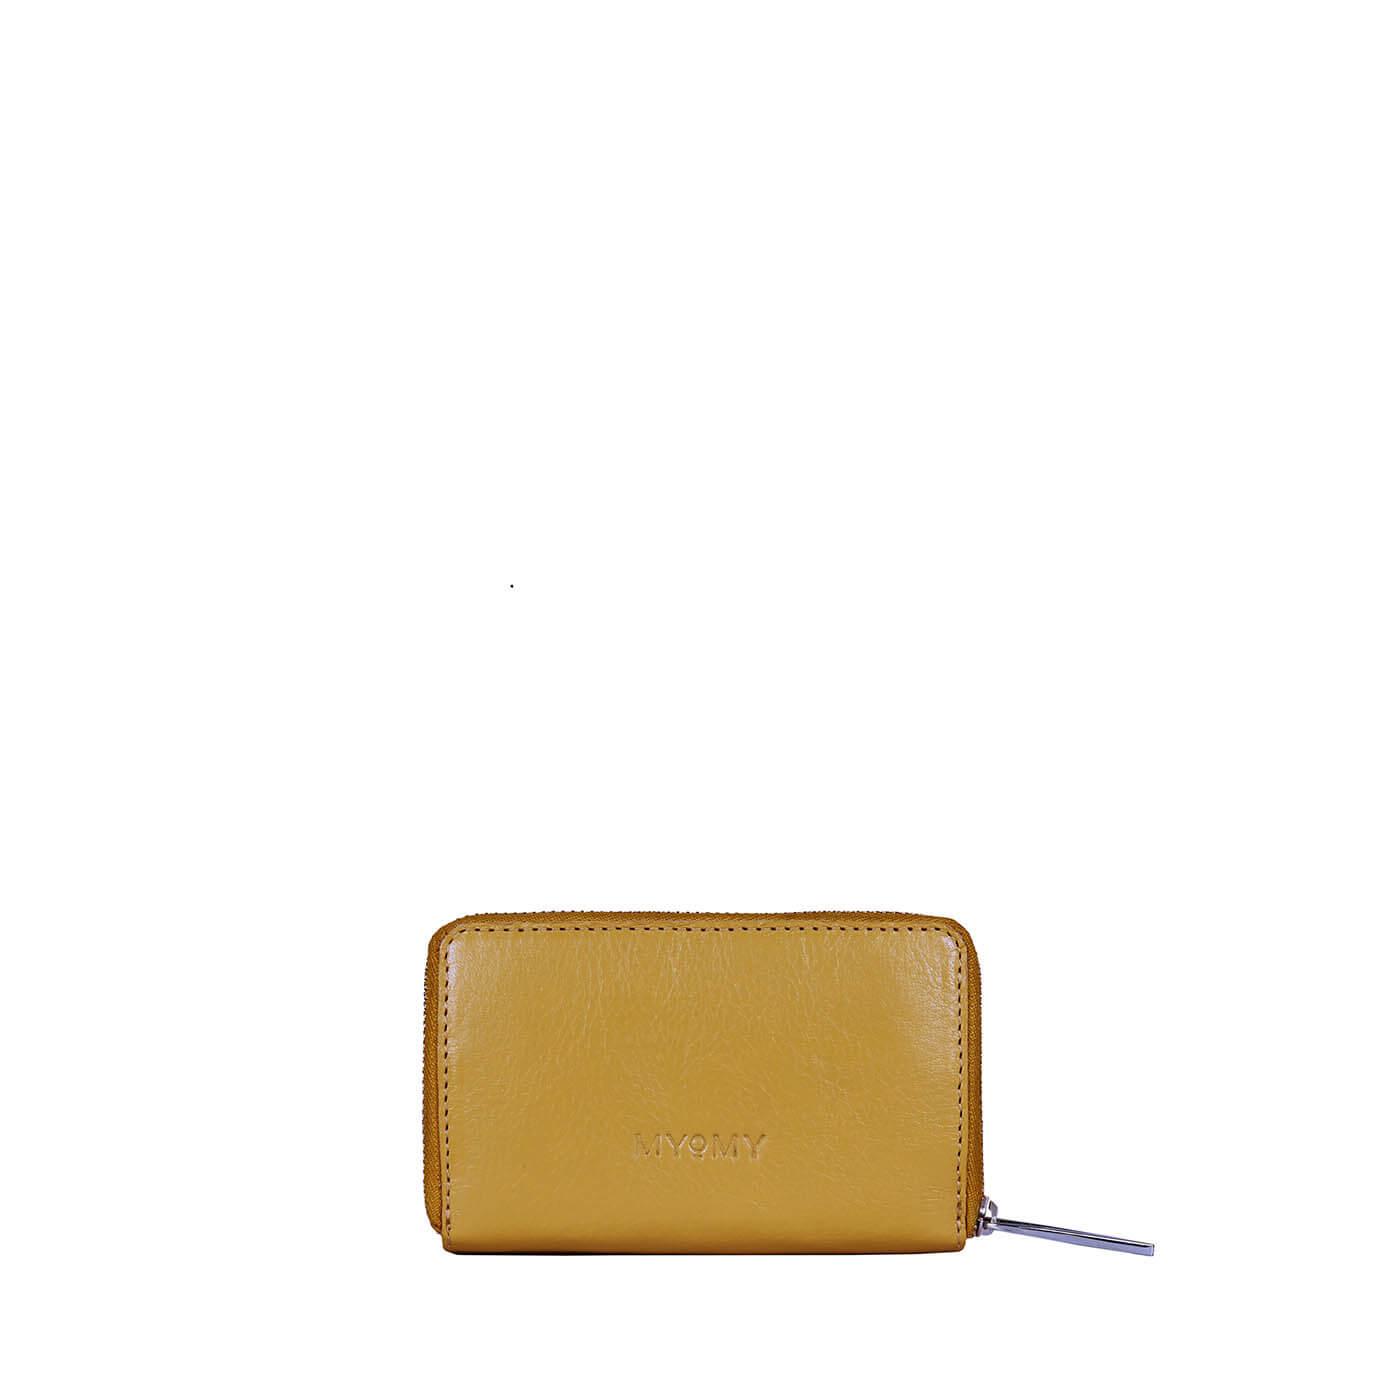 MY CARRY BAG Wallet Medium (RFID) - seville ocher